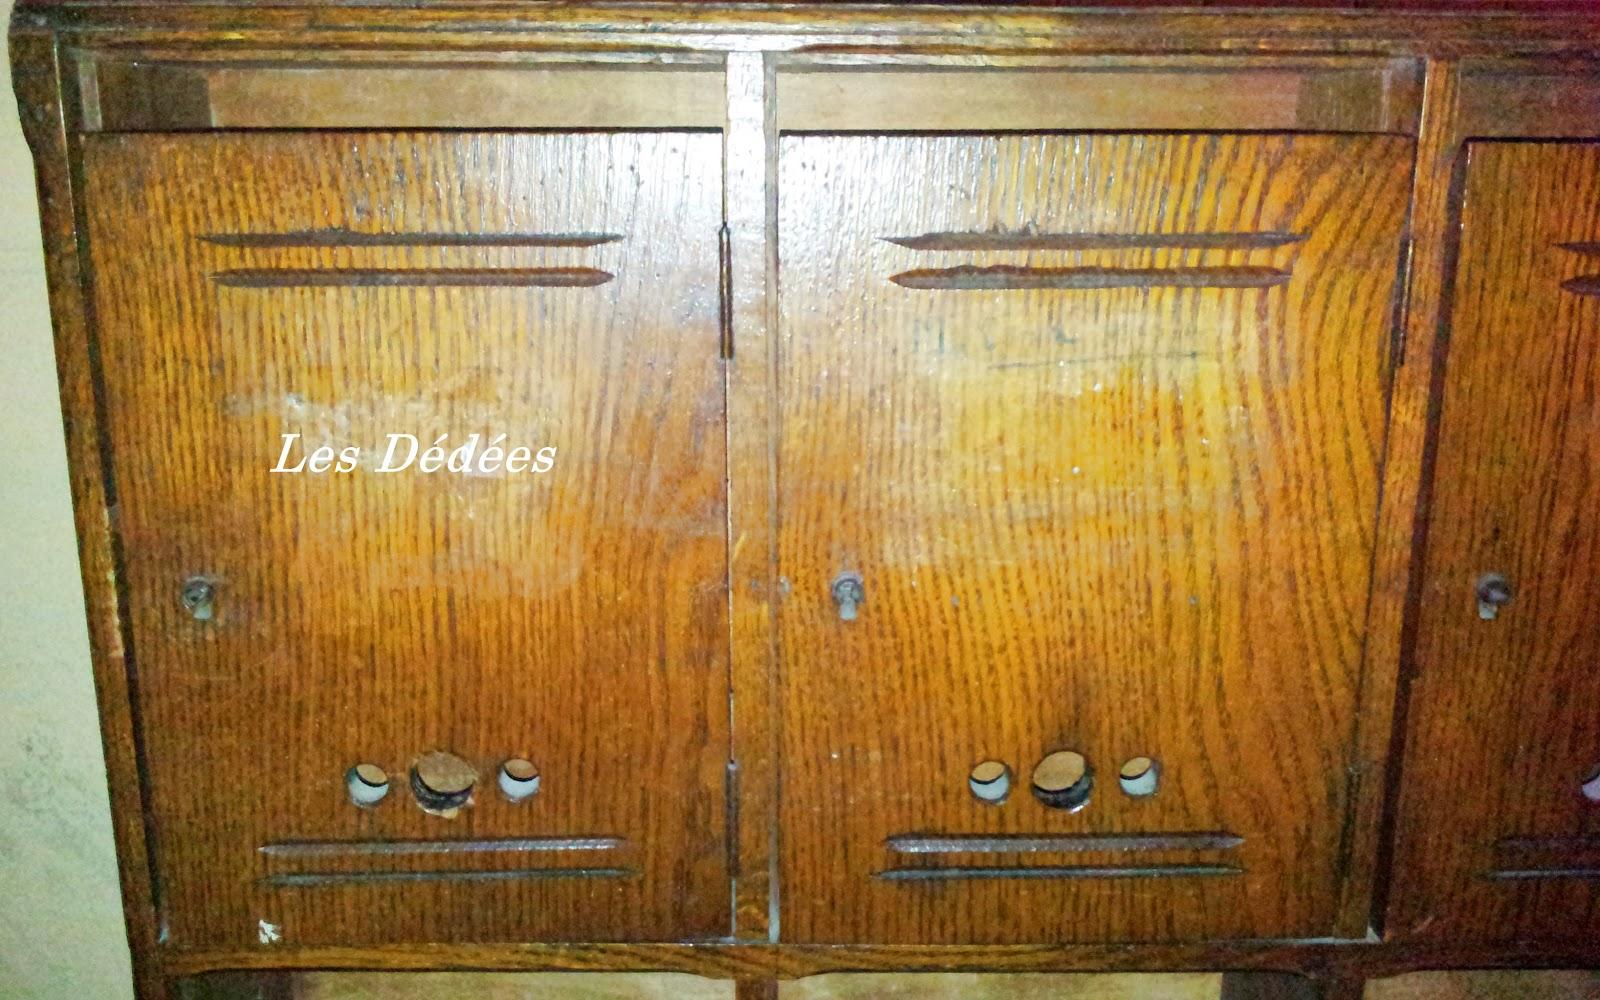 Les dedees vintage recup creations rare anciennes boites aux lettres d 39 immeuble by anne - Vieille boite aux lettres ...